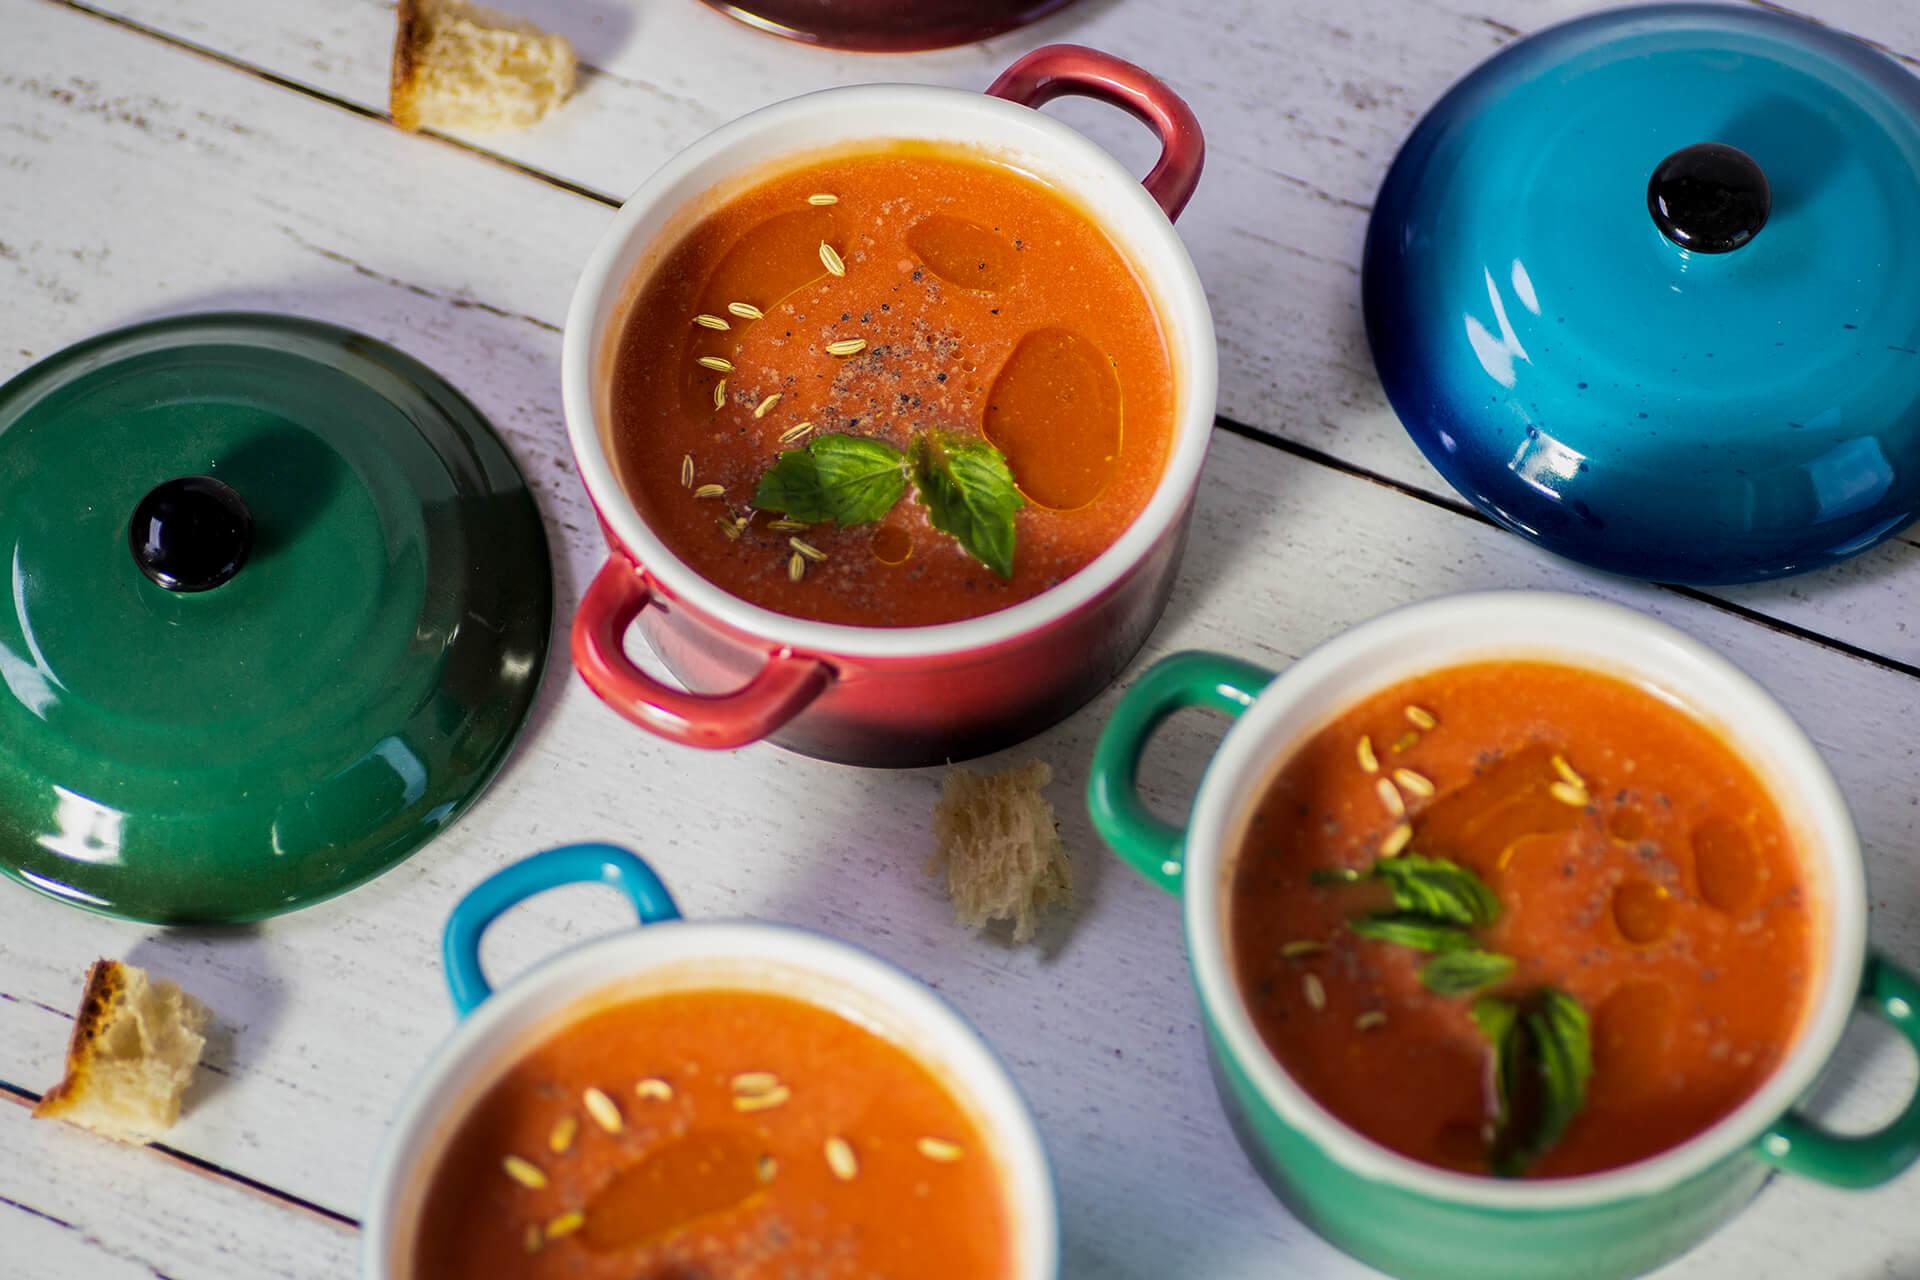 Vegan Spicy Tomato Soup